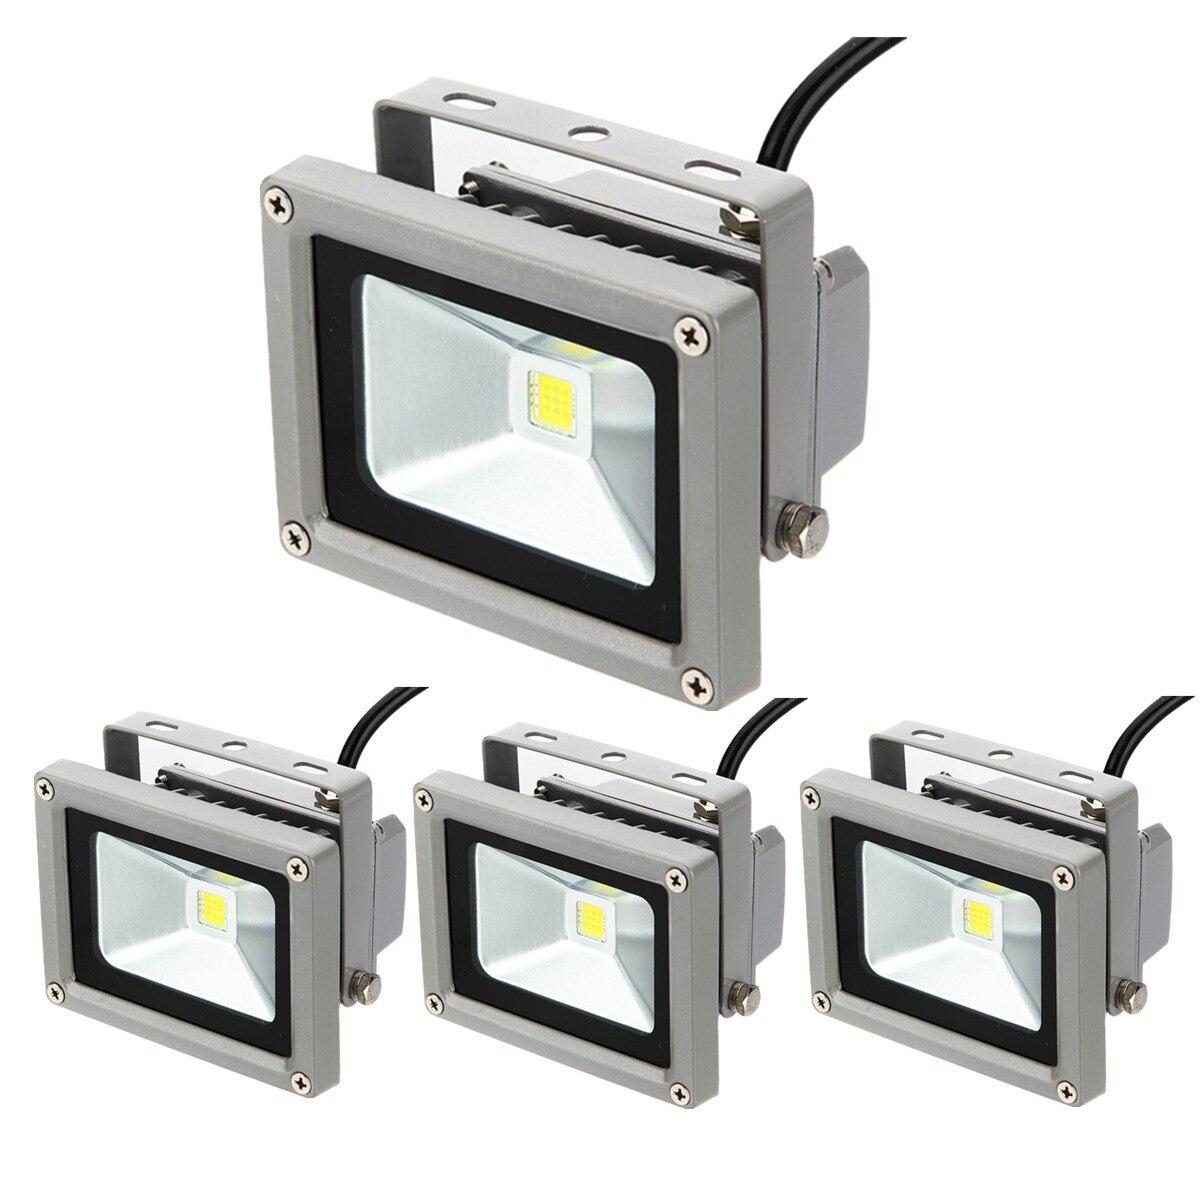 Lámpara LED de proyector IP65 de alta potencia, para exteriores, IP68, color blanco puro, 4 unidades por paquete, 12V CC, 10w